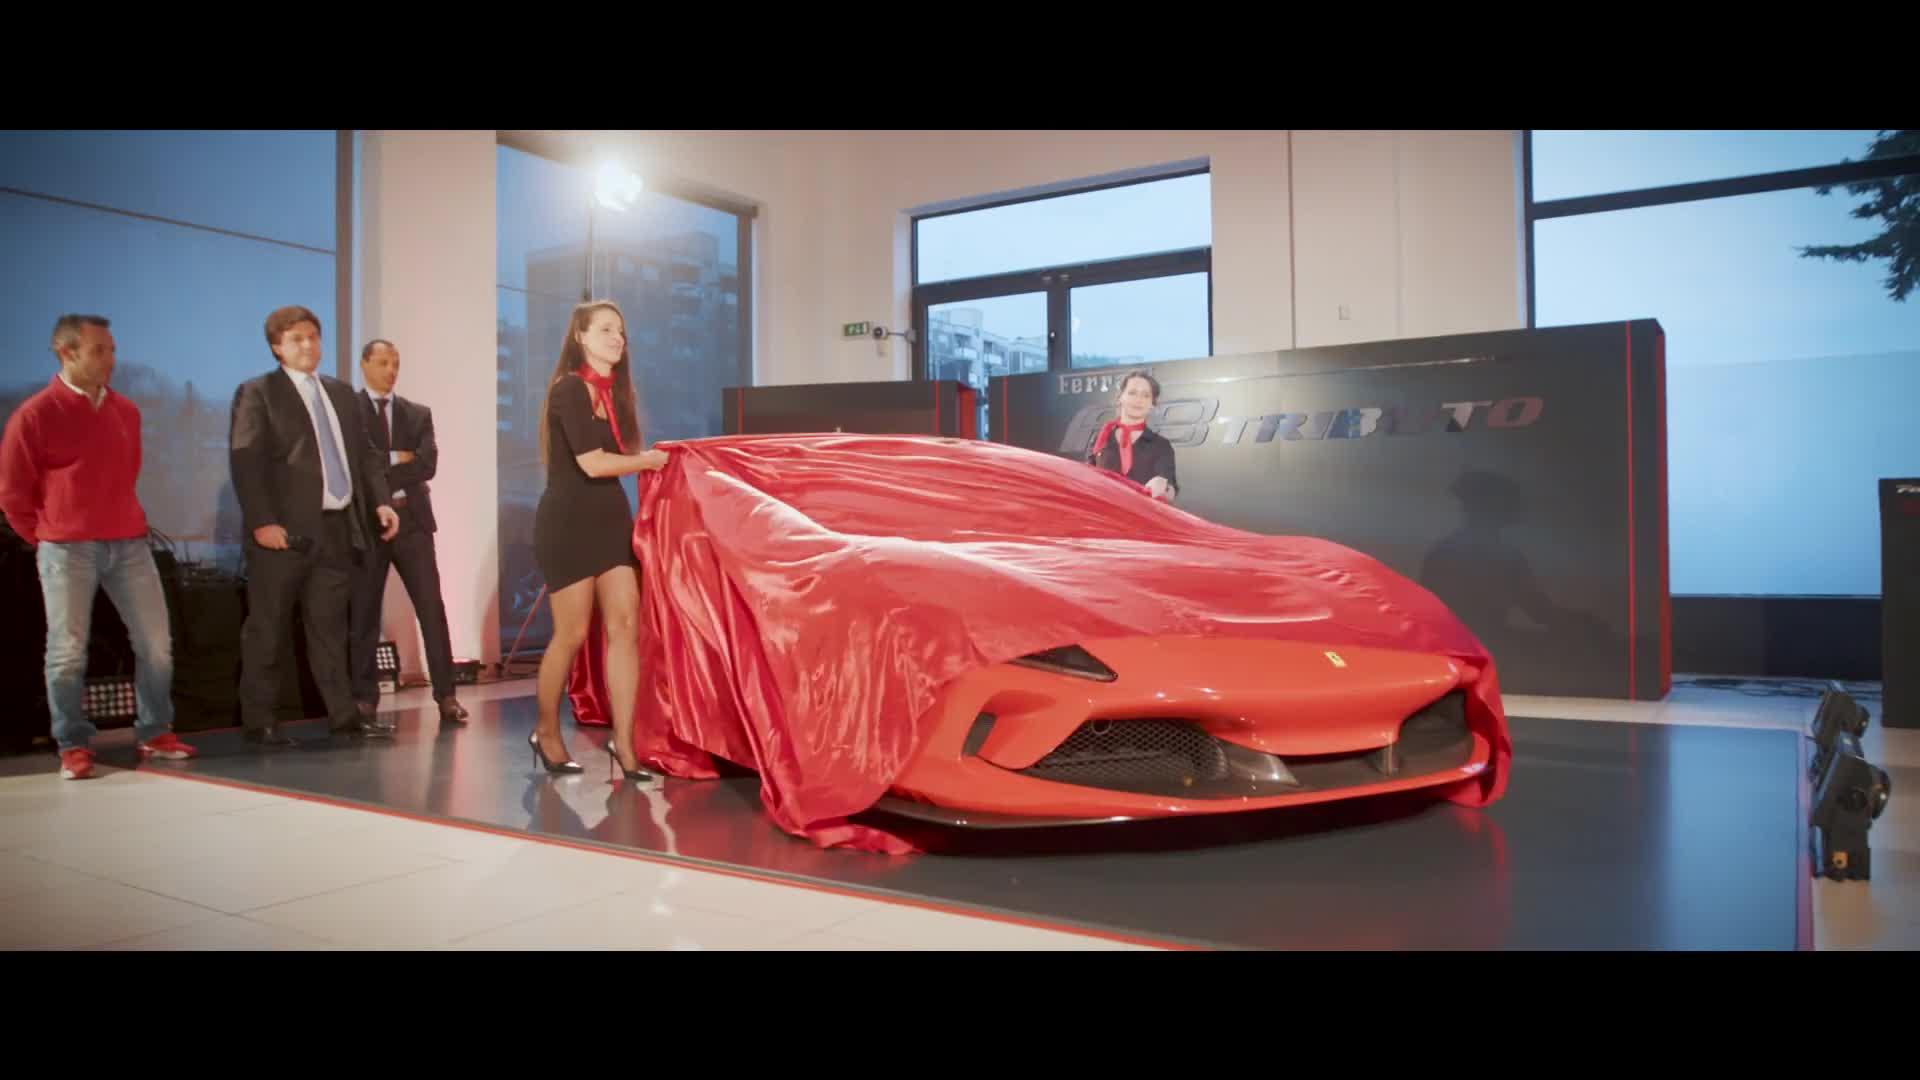 Presentazione Ferrari F8 Tributo - Aprile 2019